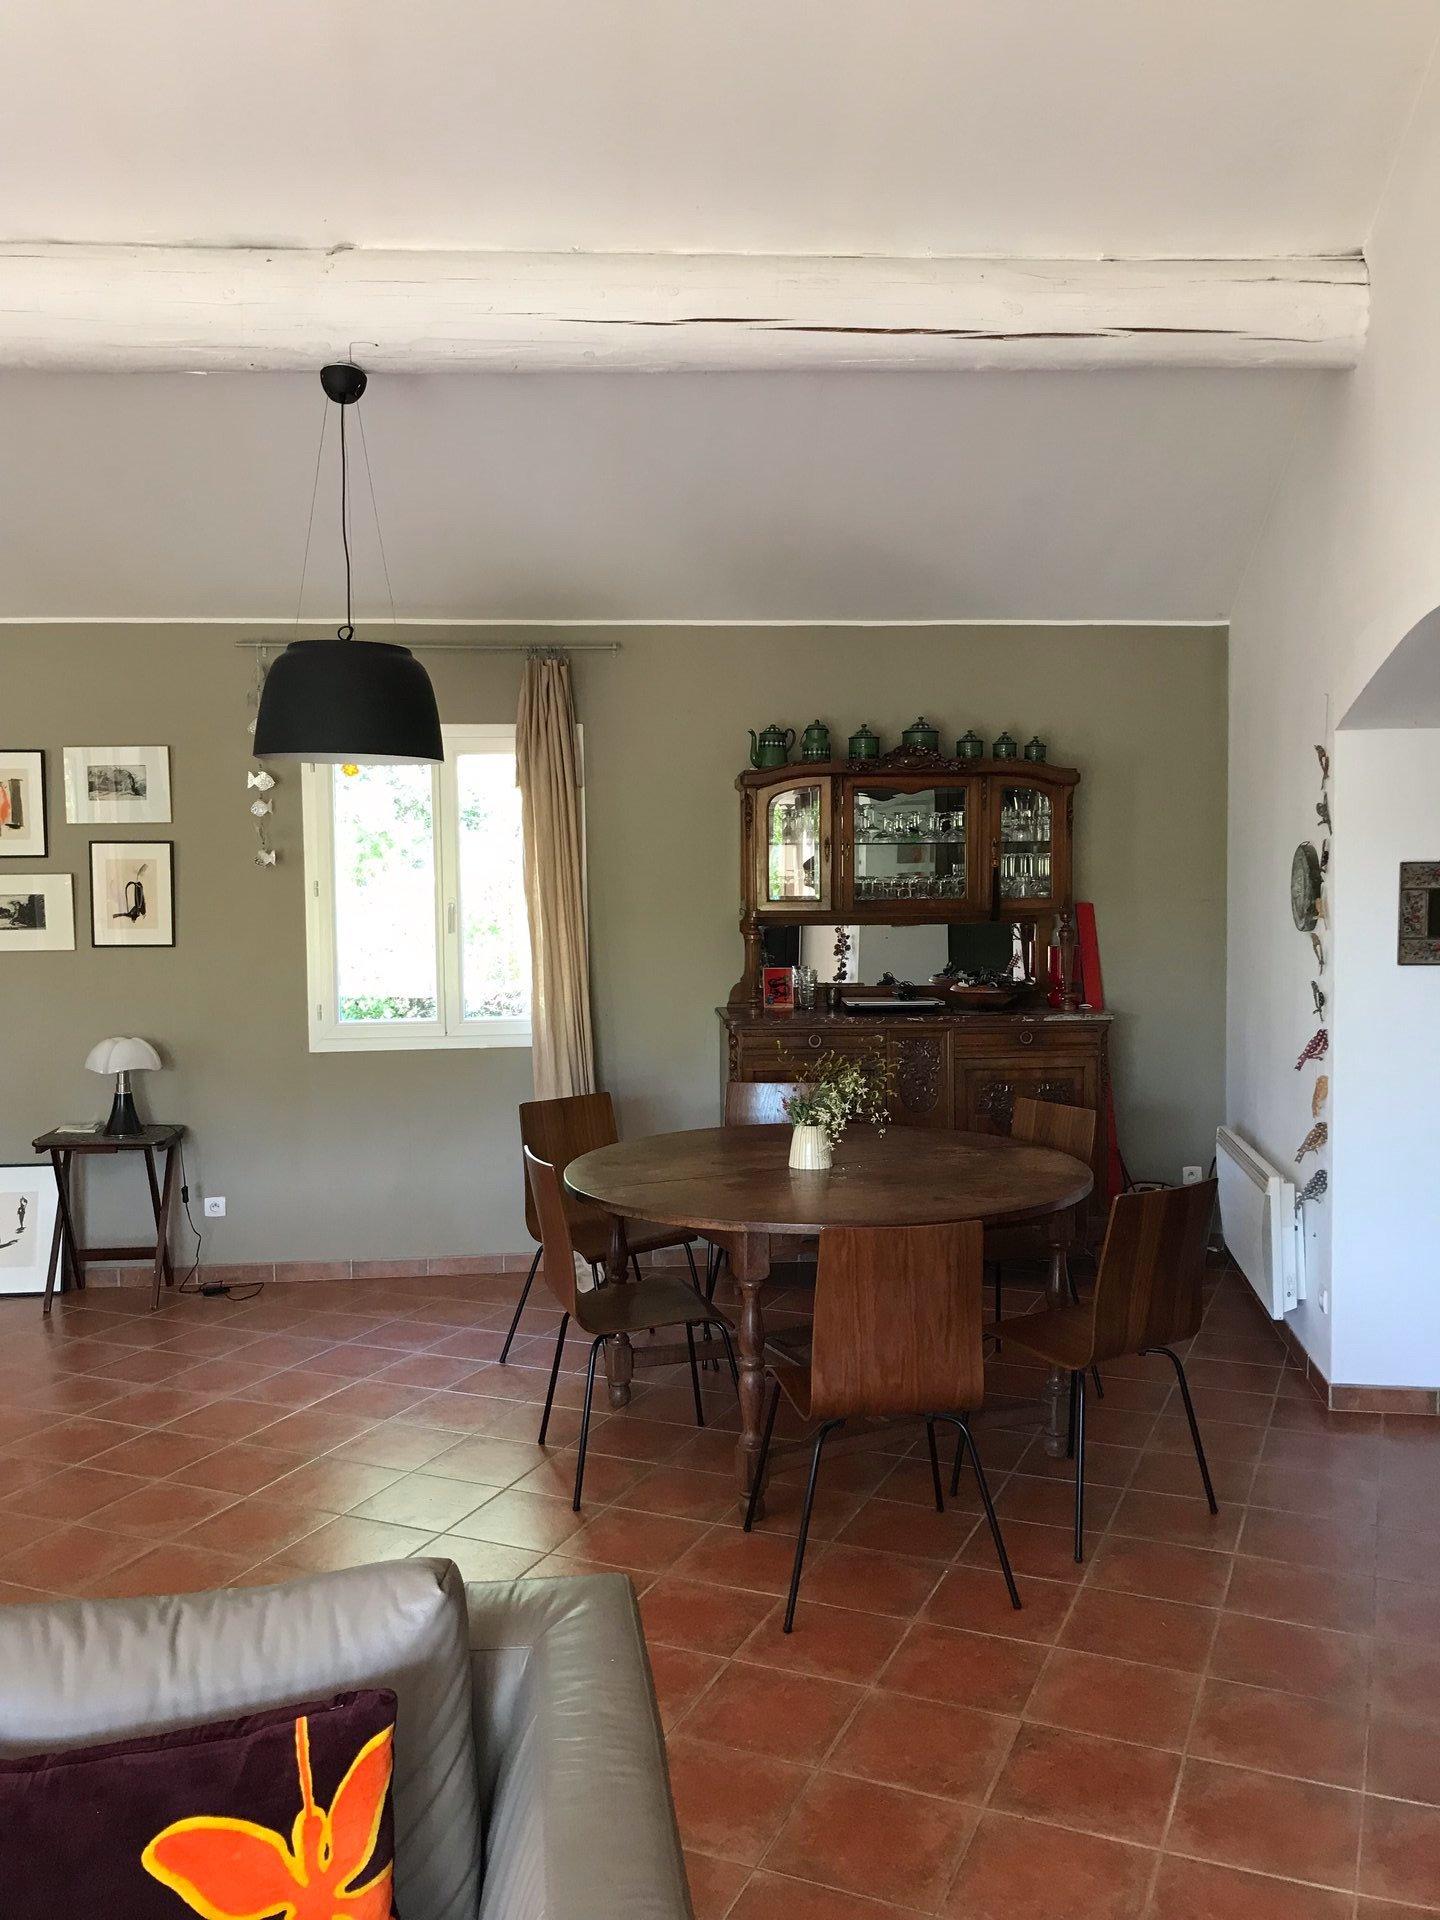 Villa contemporaine de plain-pied - 4 chambres - appartement indépendant -  très bel environnement piscine chauffée